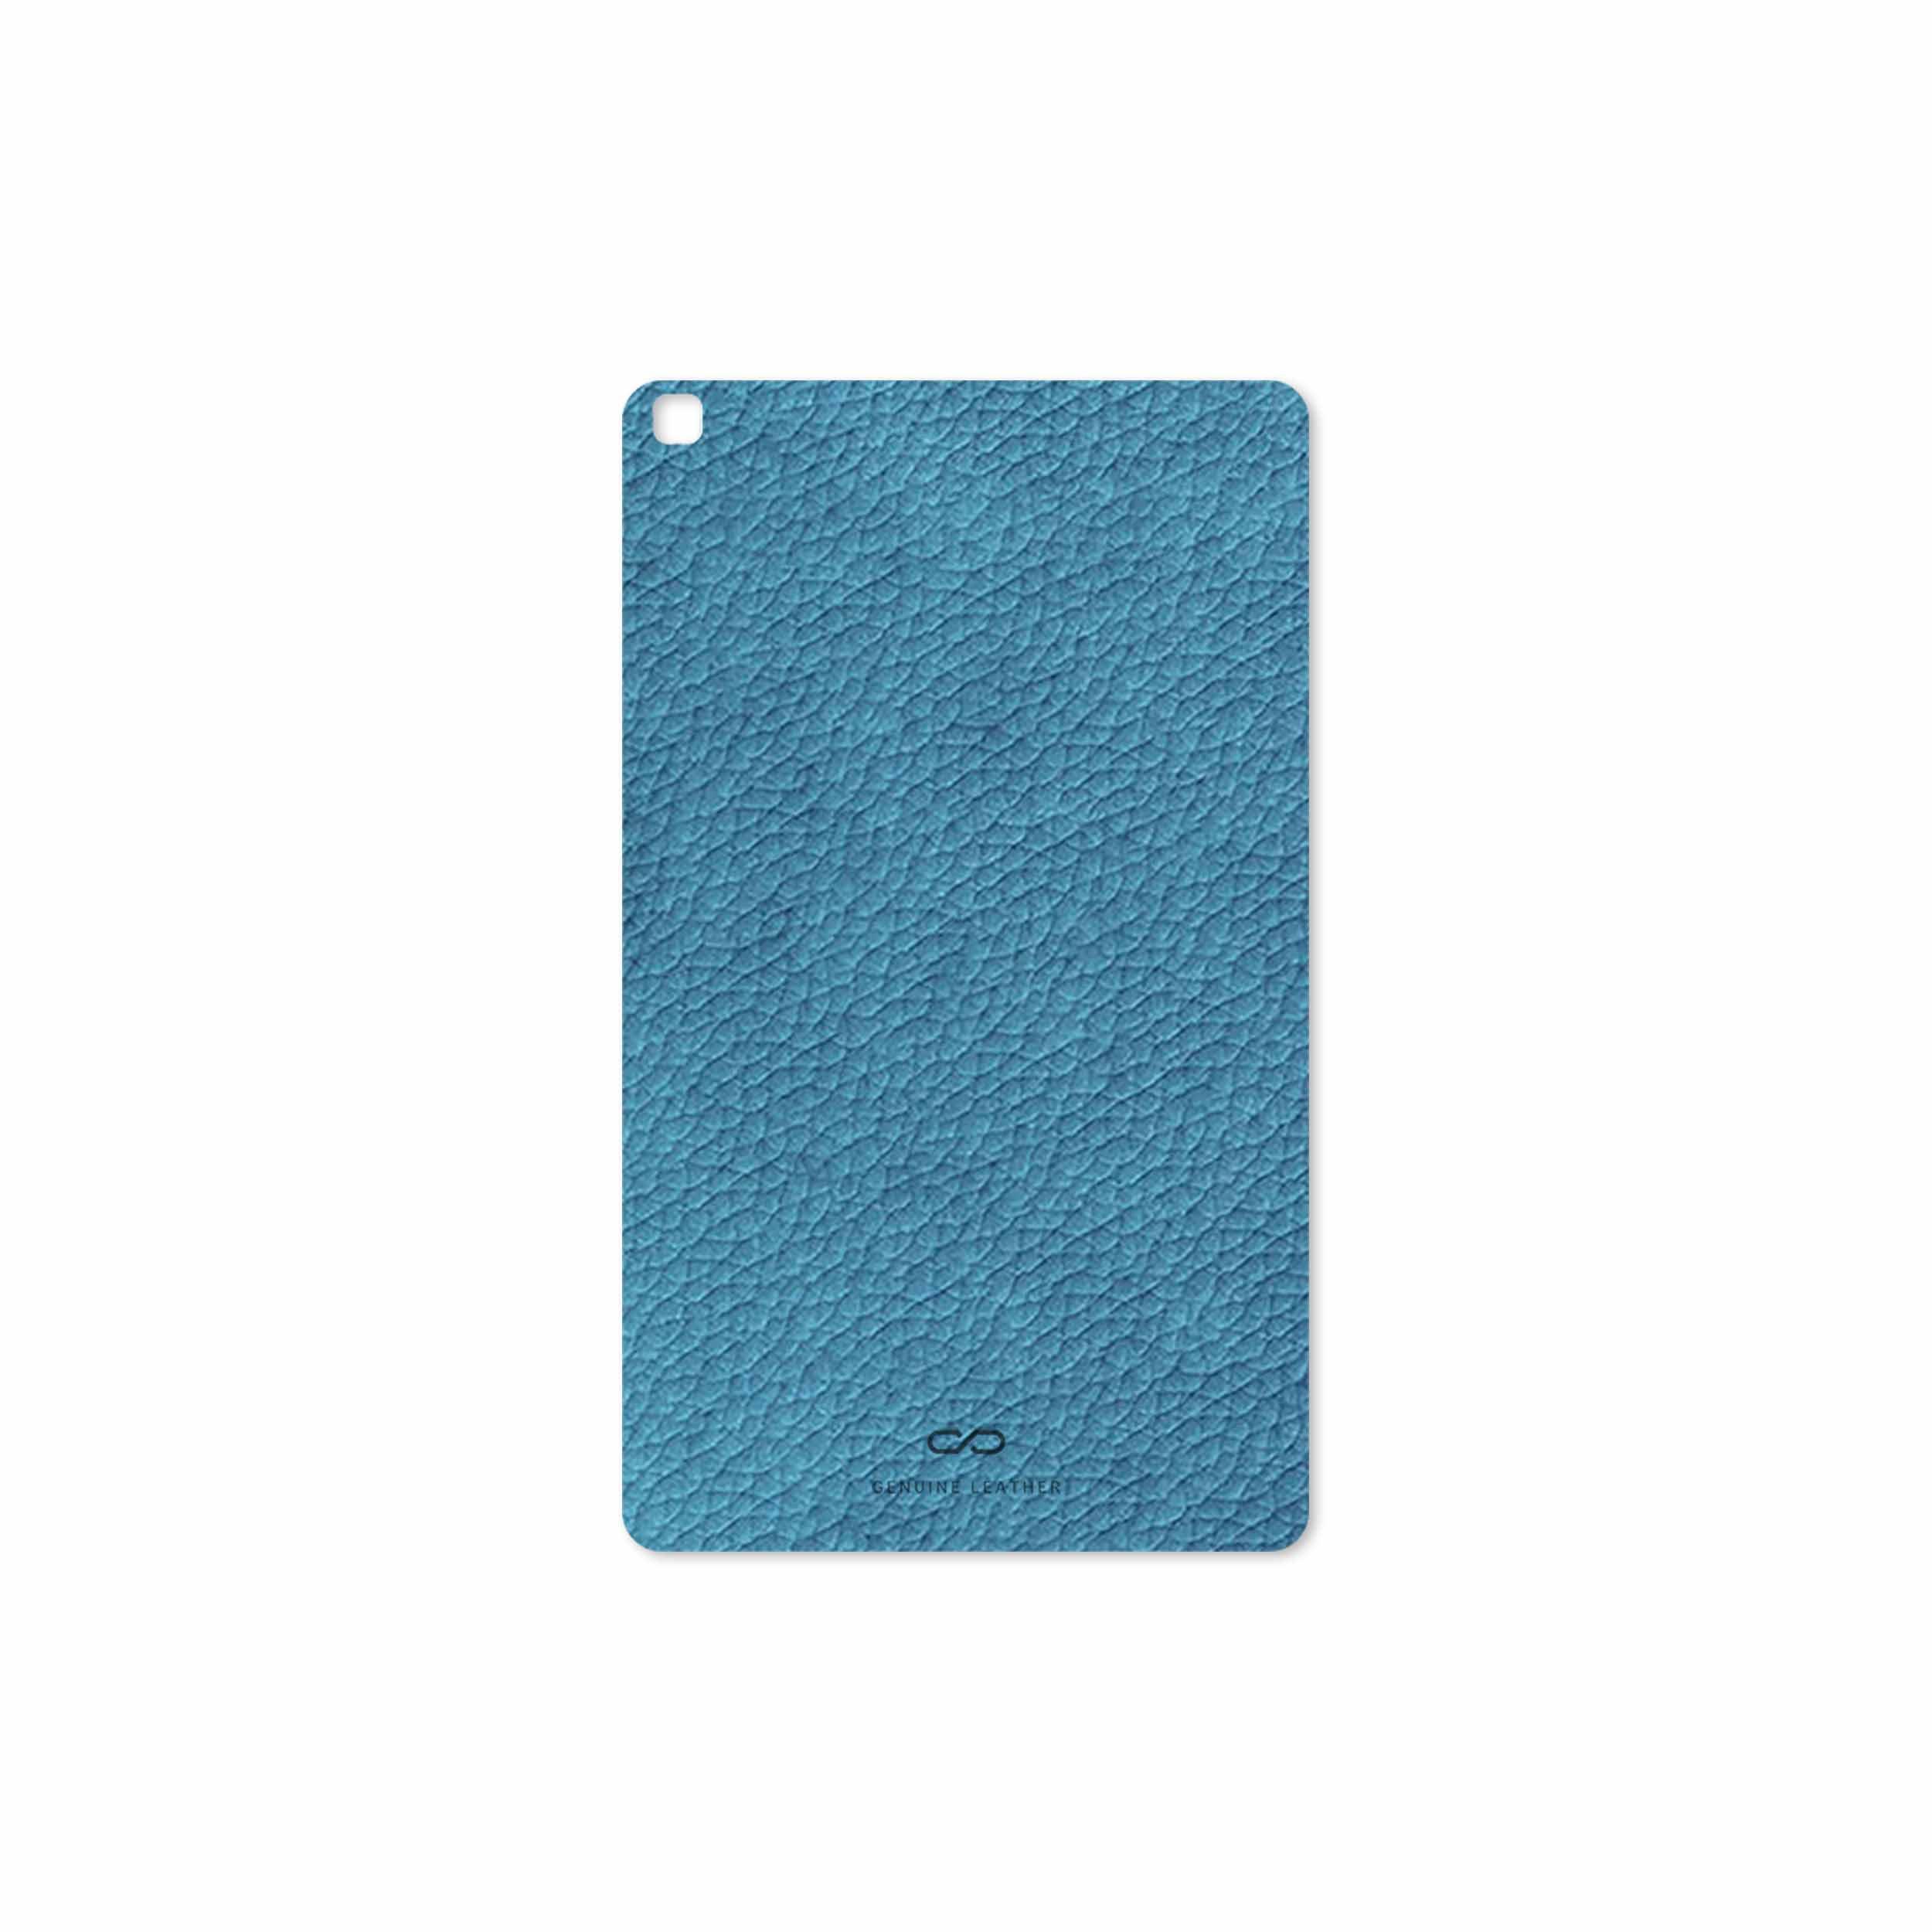 بررسی و خرید [با تخفیف]                                     برچسب پوششی ماهوت مدل Blue-Leather مناسب برای تبلت سامسونگ Galaxy Tab A 8.0 2019 T290                             اورجینال